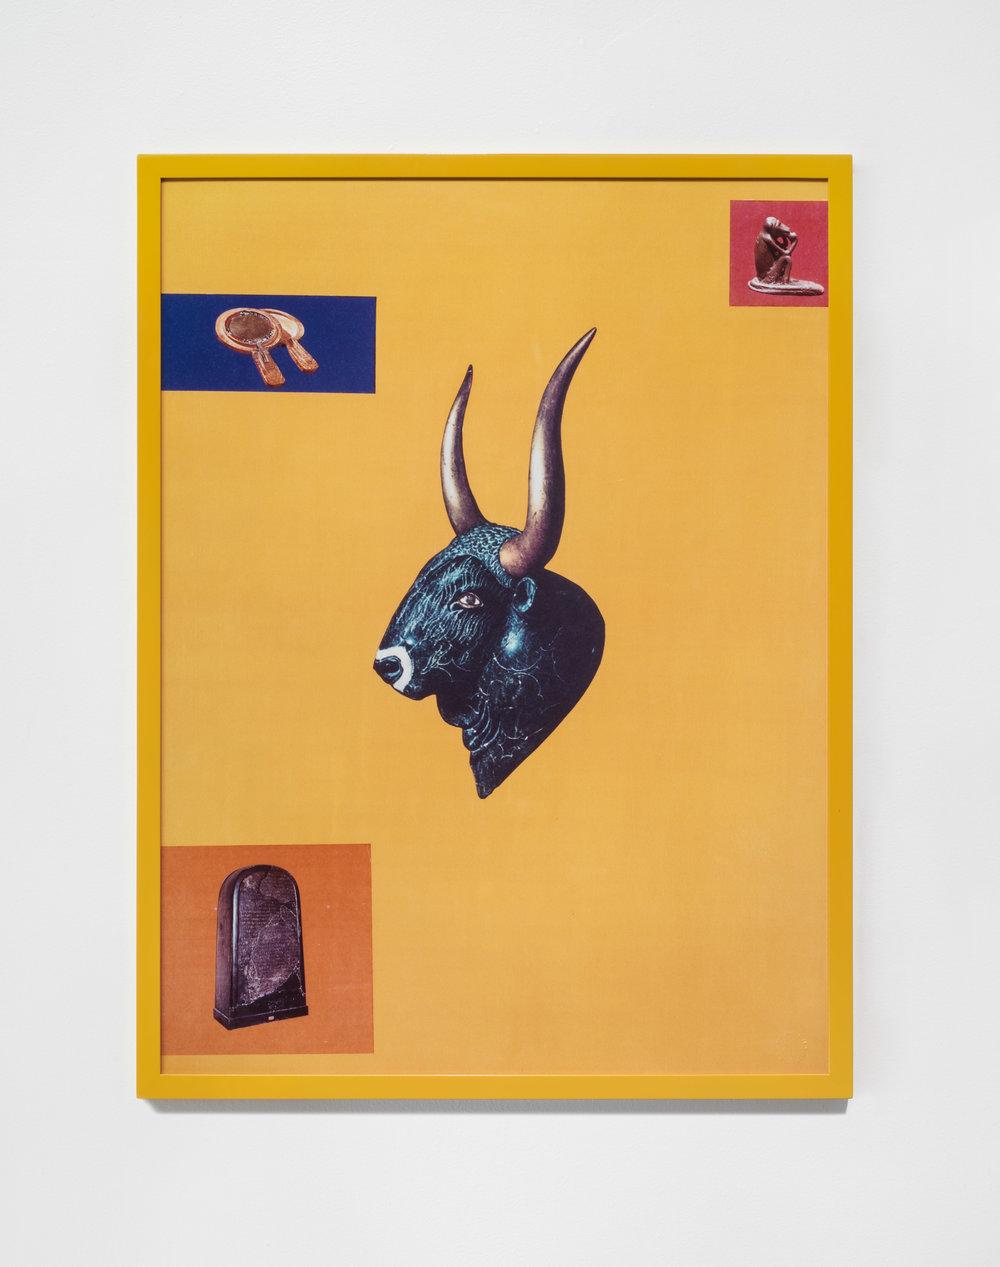 Bull, 1986 © Sarah Charlesworth